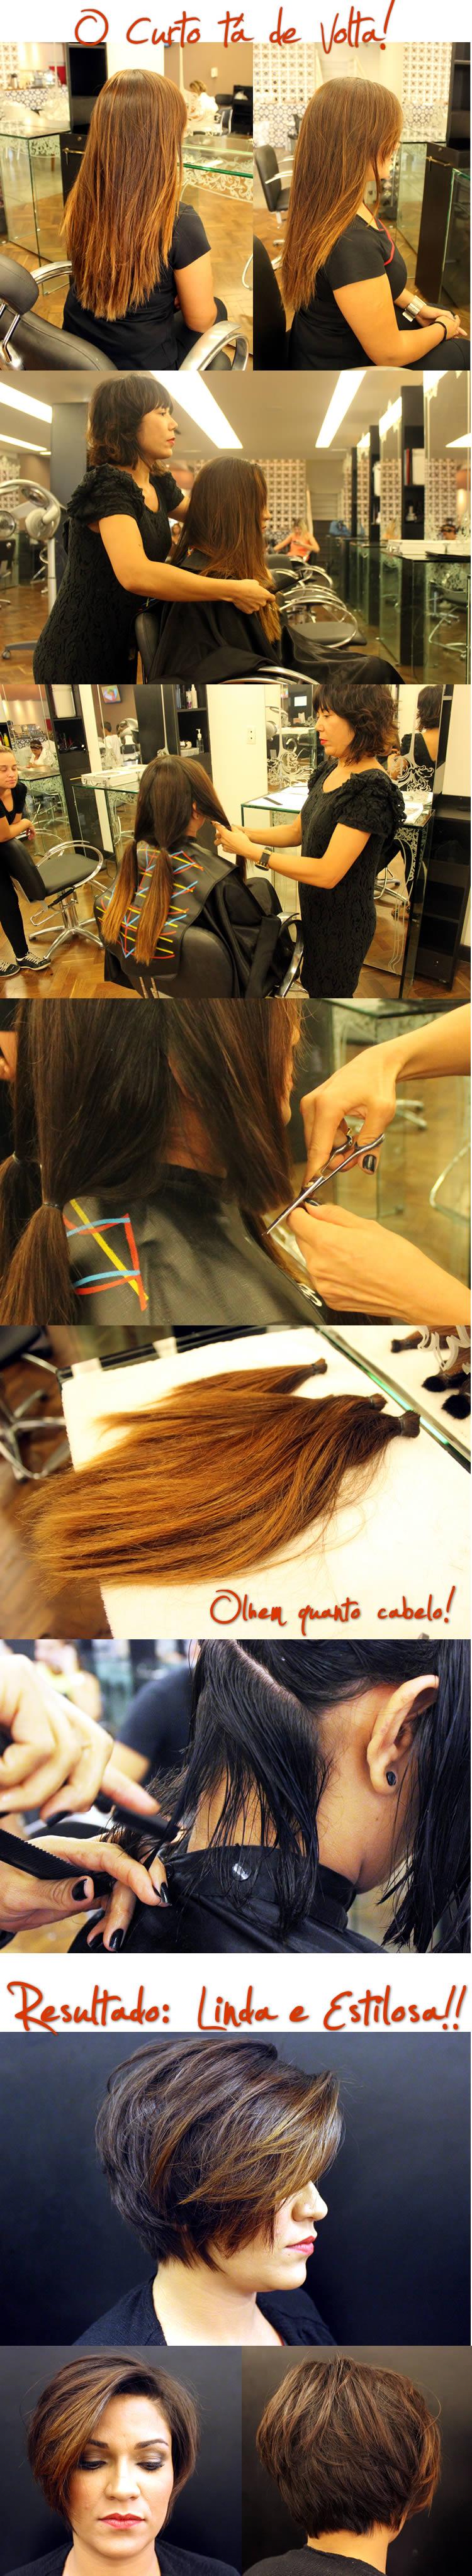 doacao-de-cabelo-para-doentes-cancer-peruca-apliques-corte-tifs